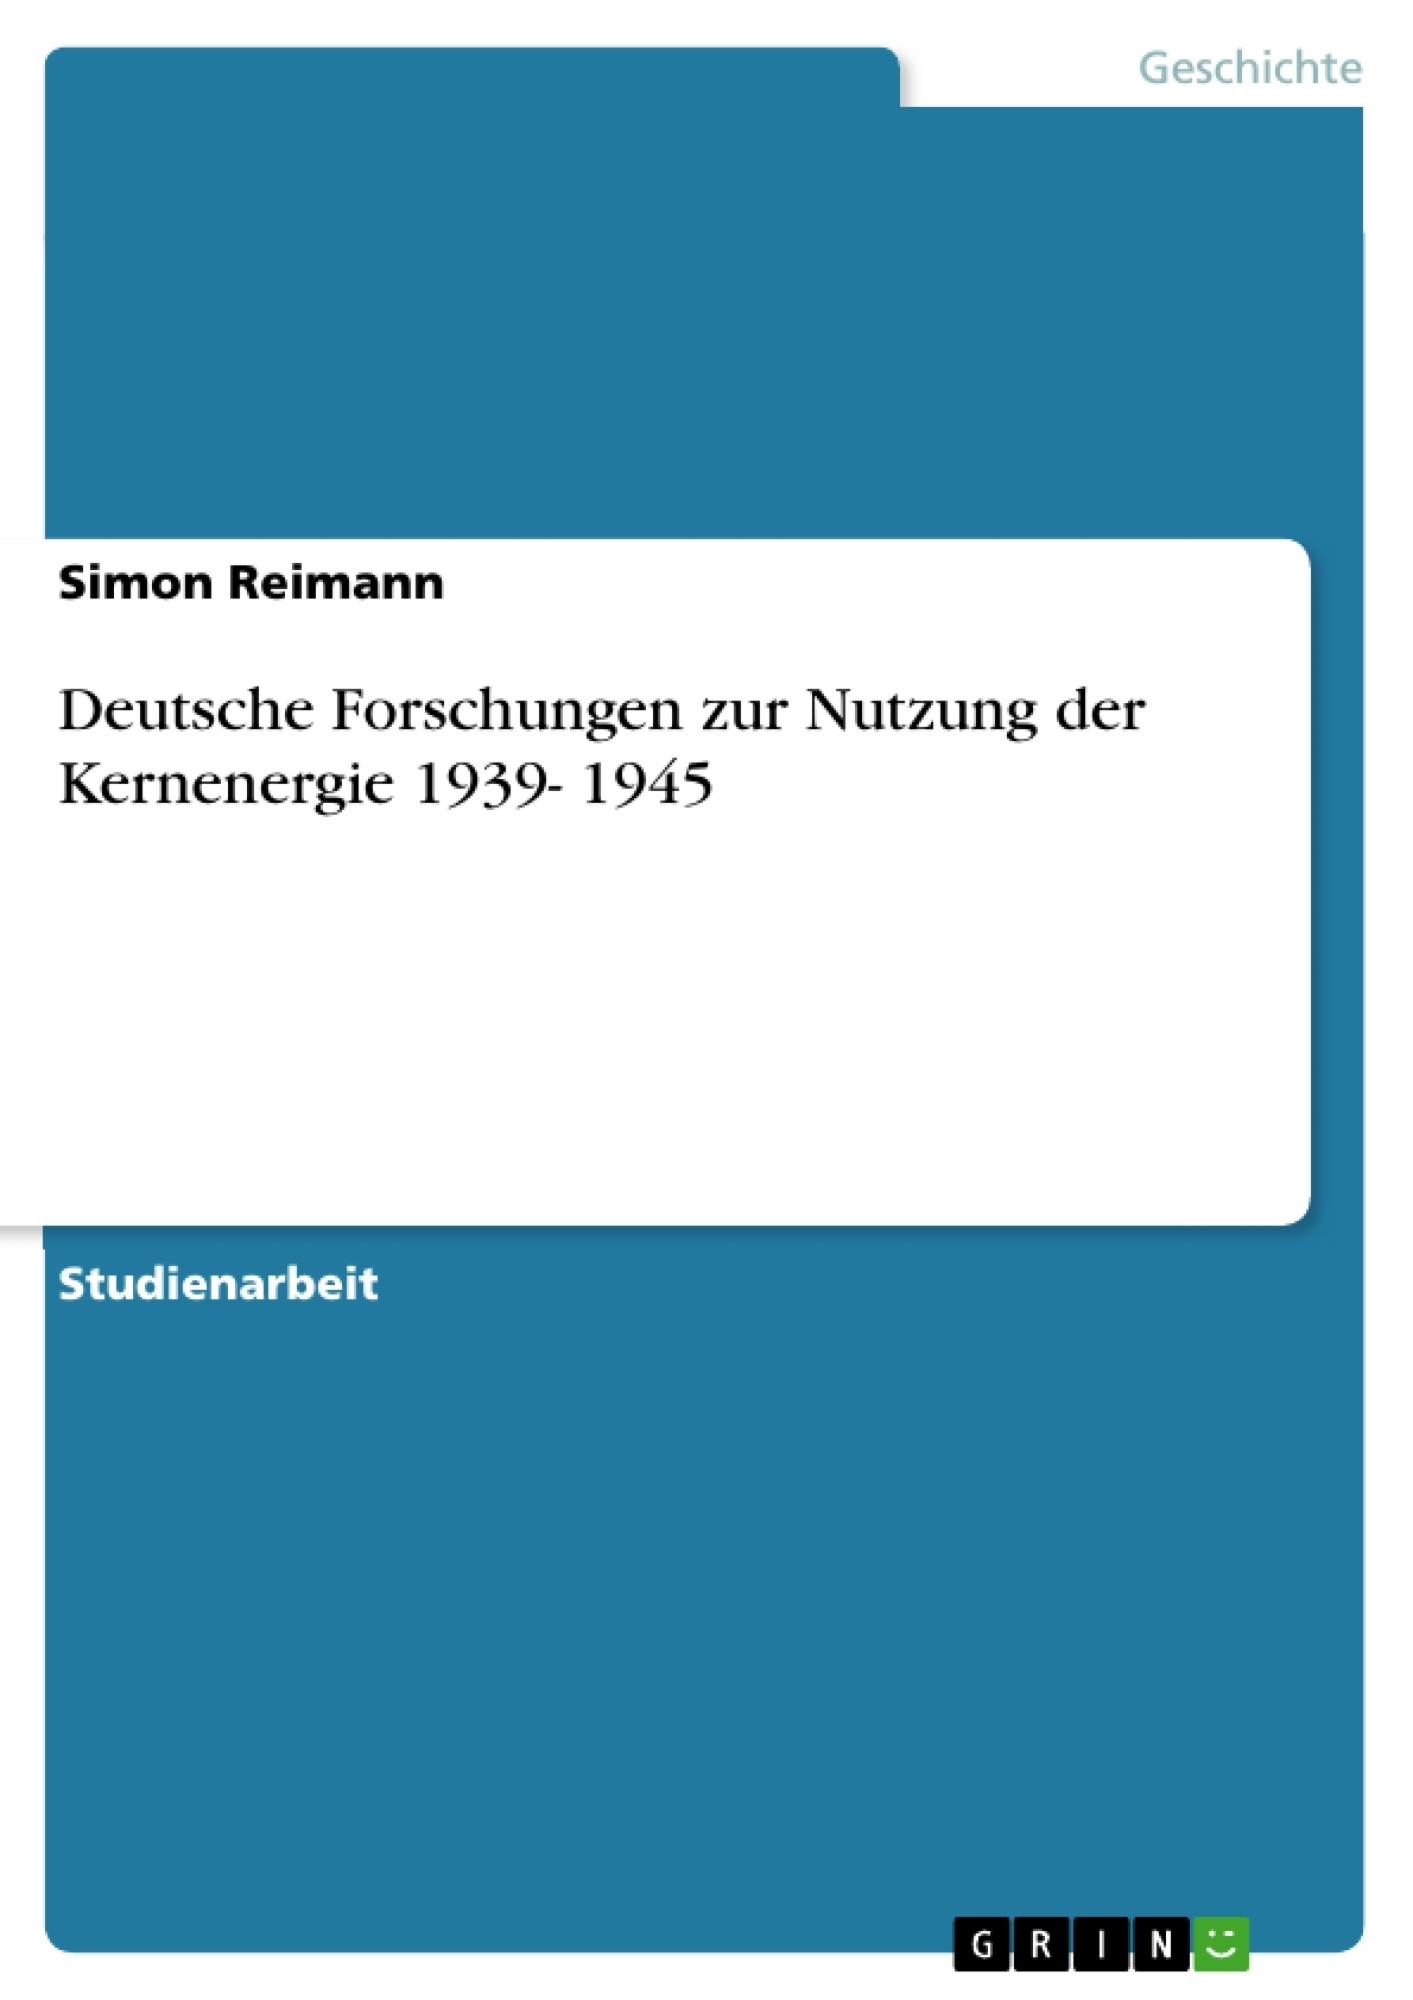 Titel: Deutsche Forschungen zur Nutzung der Kernenergie 1939- 1945